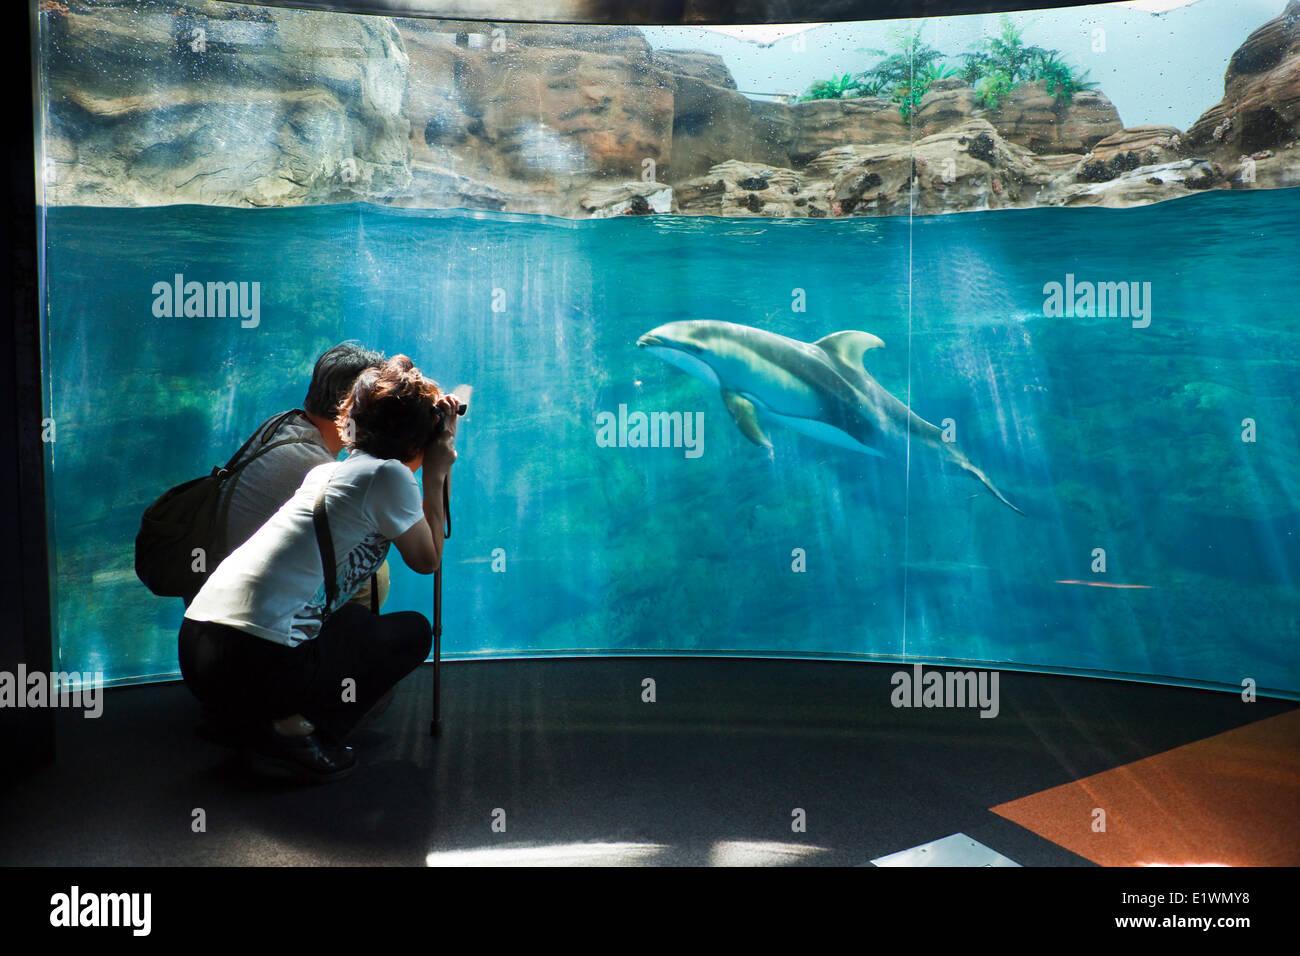 Par ajustar una imagen de un delfín en el Acuario Kaiyukan de Osaka, Osaka, Japón Imagen De Stock